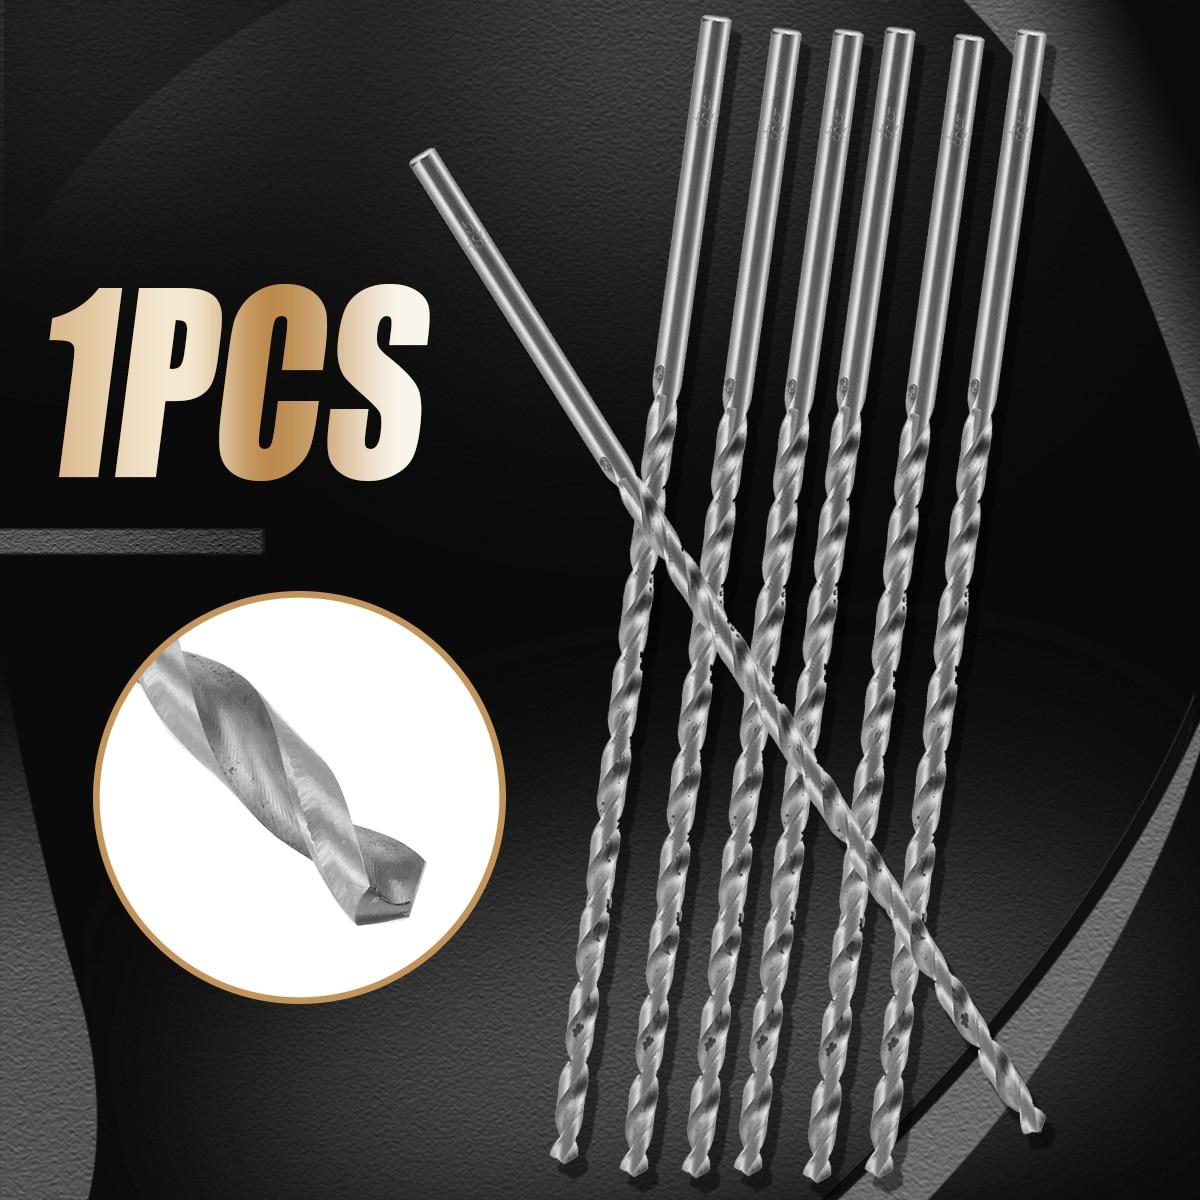 1pc 4-10mm HSS Twist Drill Bit Extra Long 200mm Straight Shank Drill Bit For Metal Plastic Power Tool